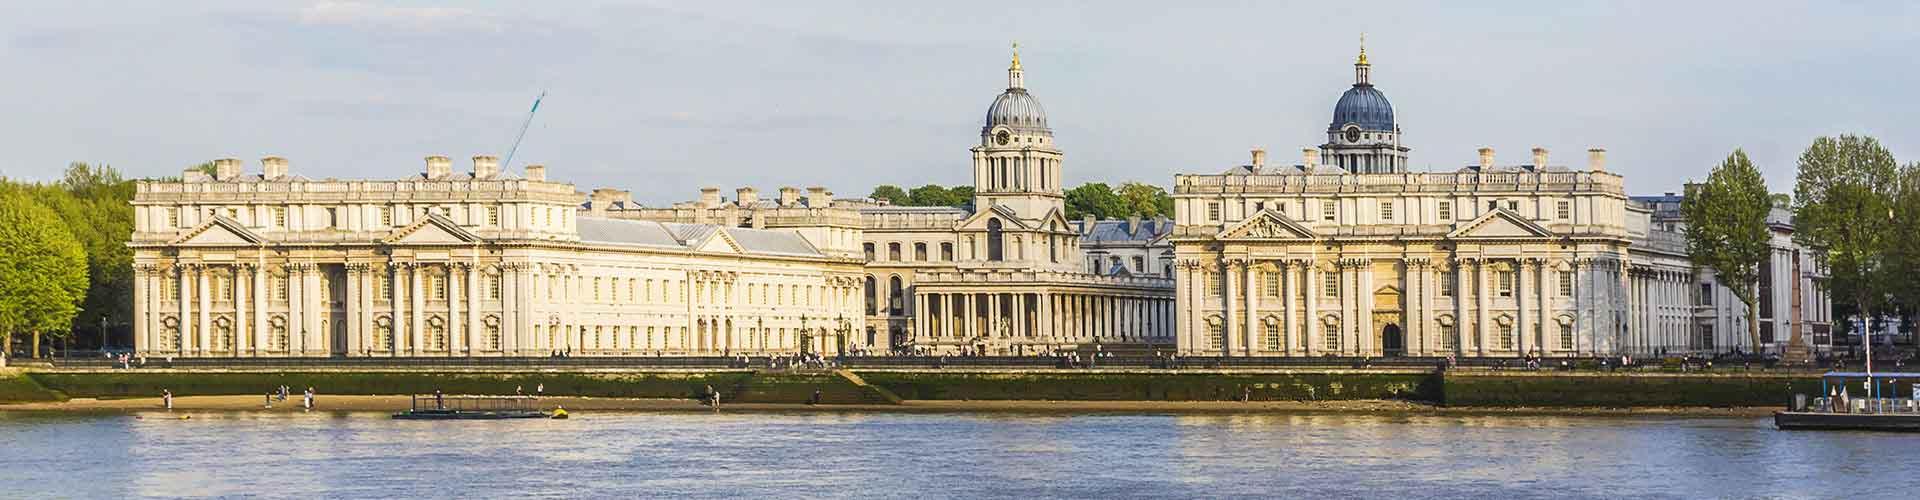 Lontoo – Hostellit kaupungiosassa Borough of Greenwich. Lontoo -karttoja, valokuvia ja arvosteluja kaikista Lontoo -hostelleista.